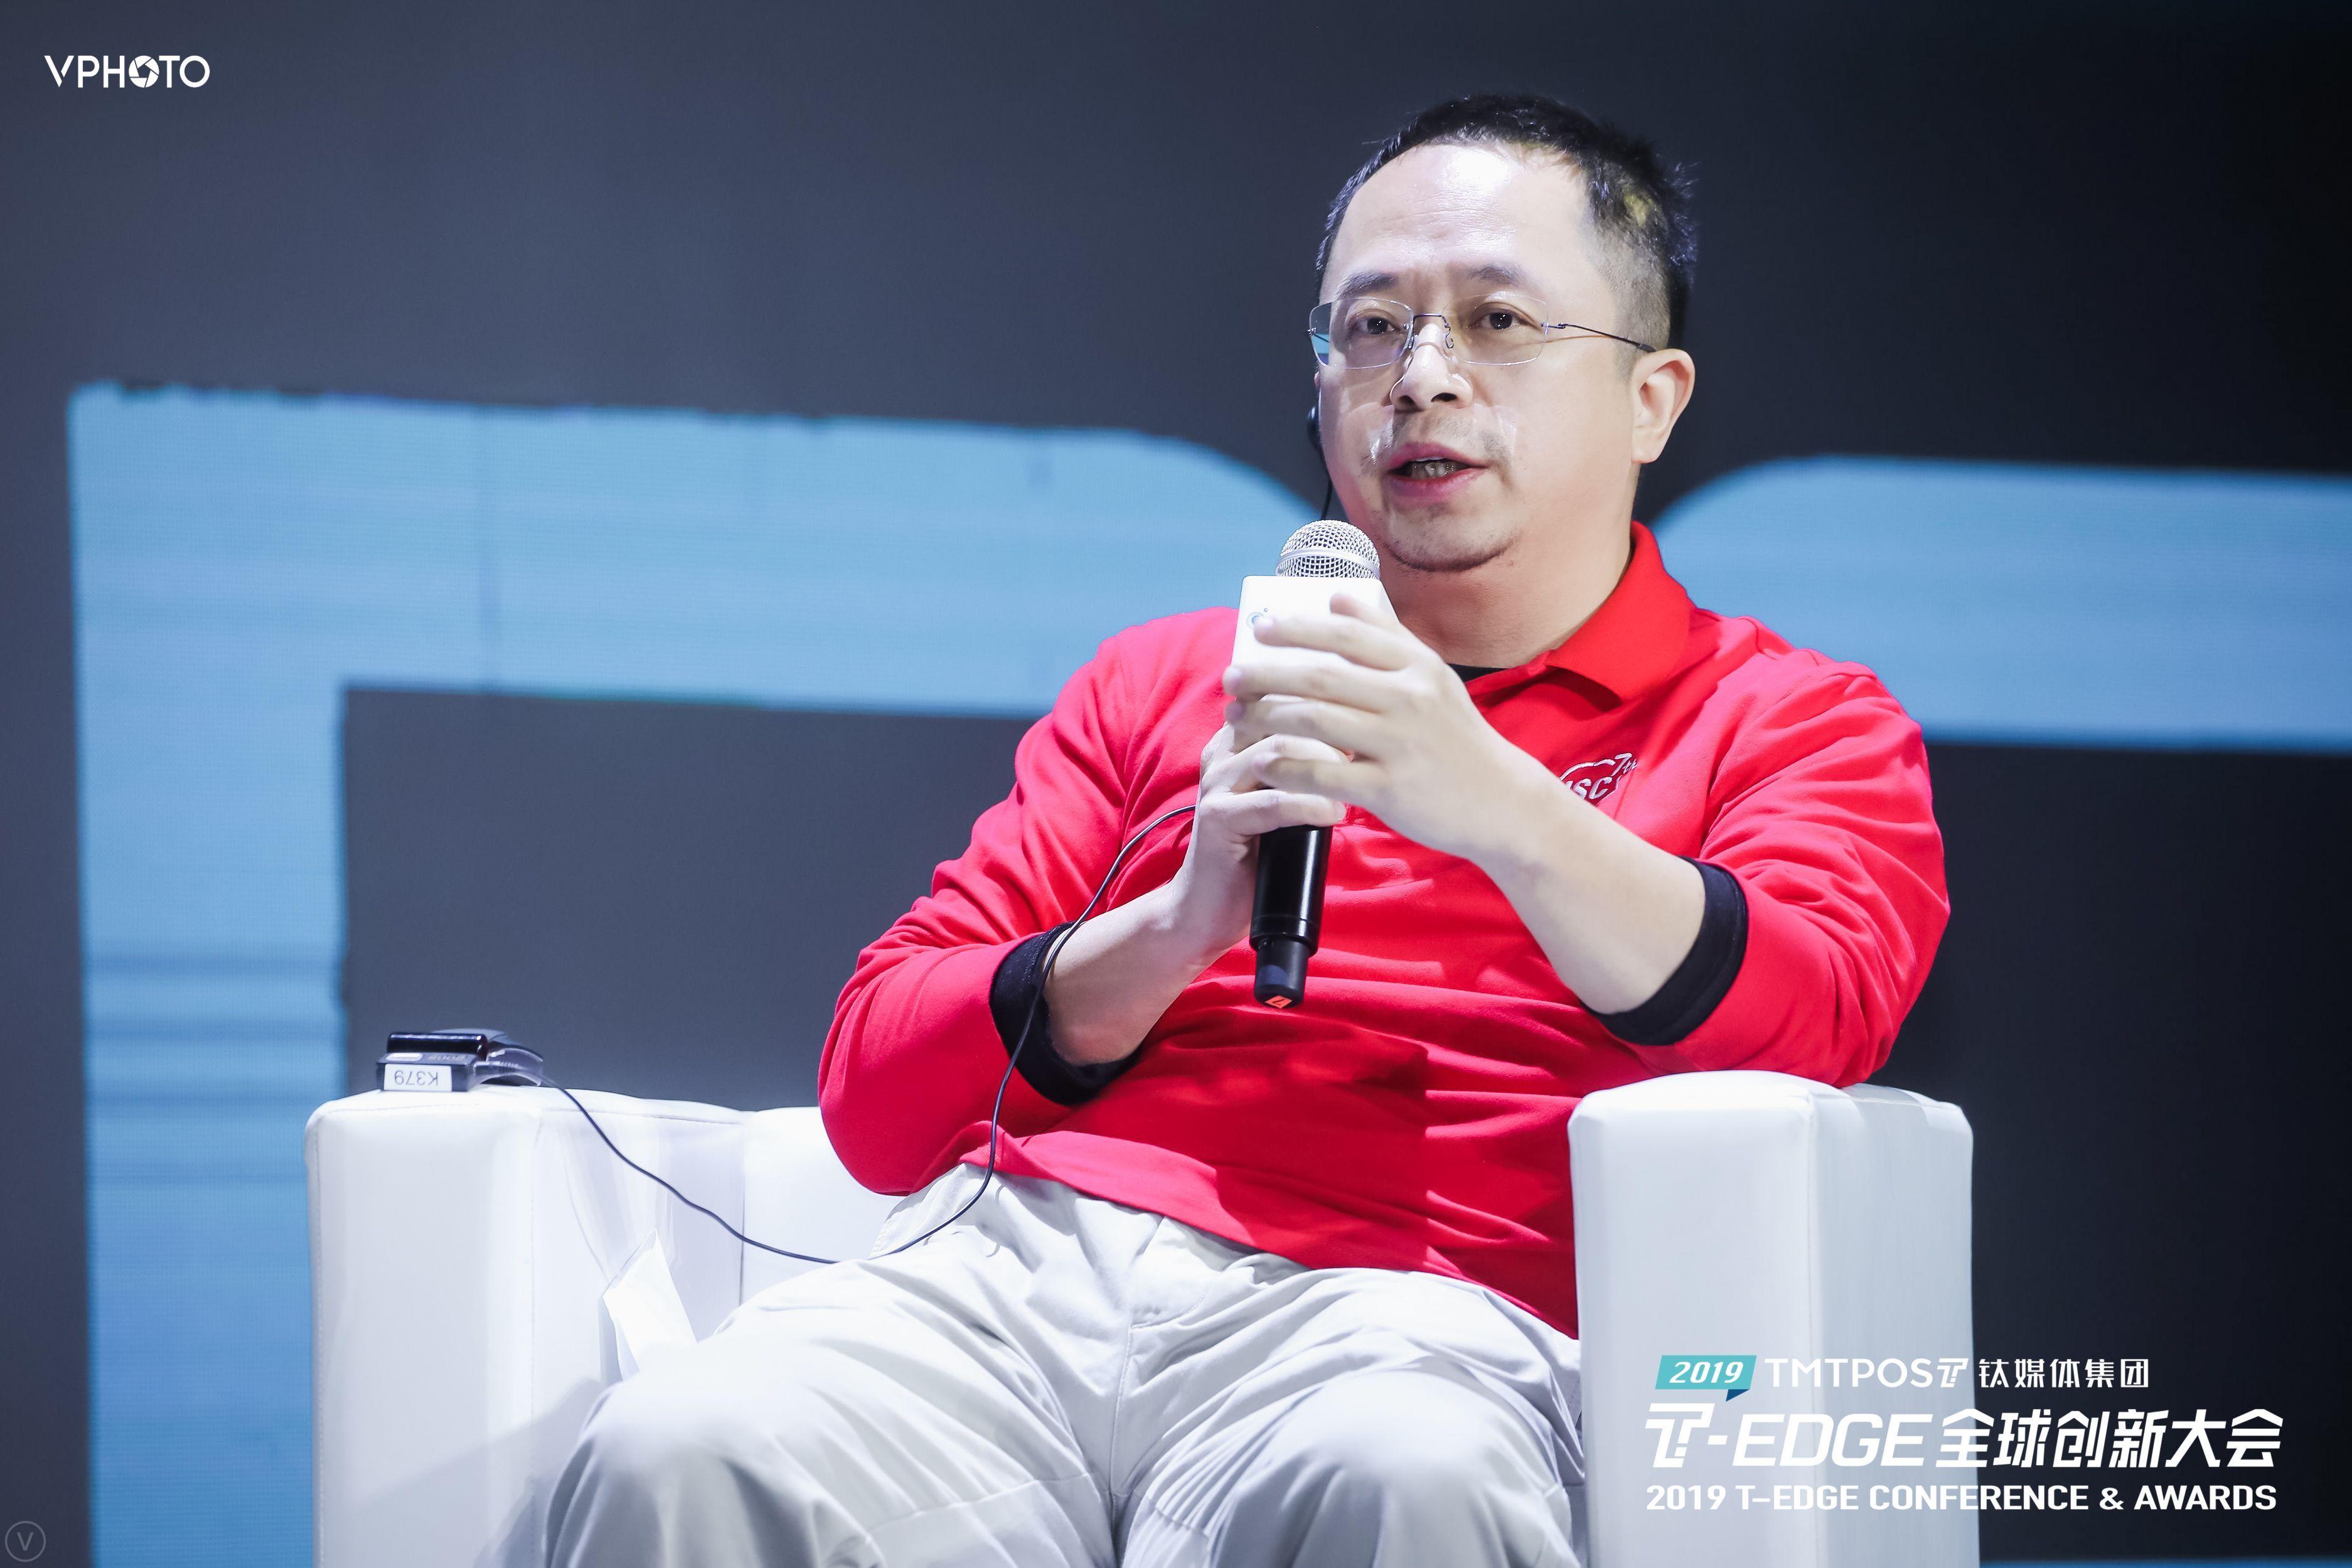 周鸿t:我们应该包容罗永浩和王思聪的失败